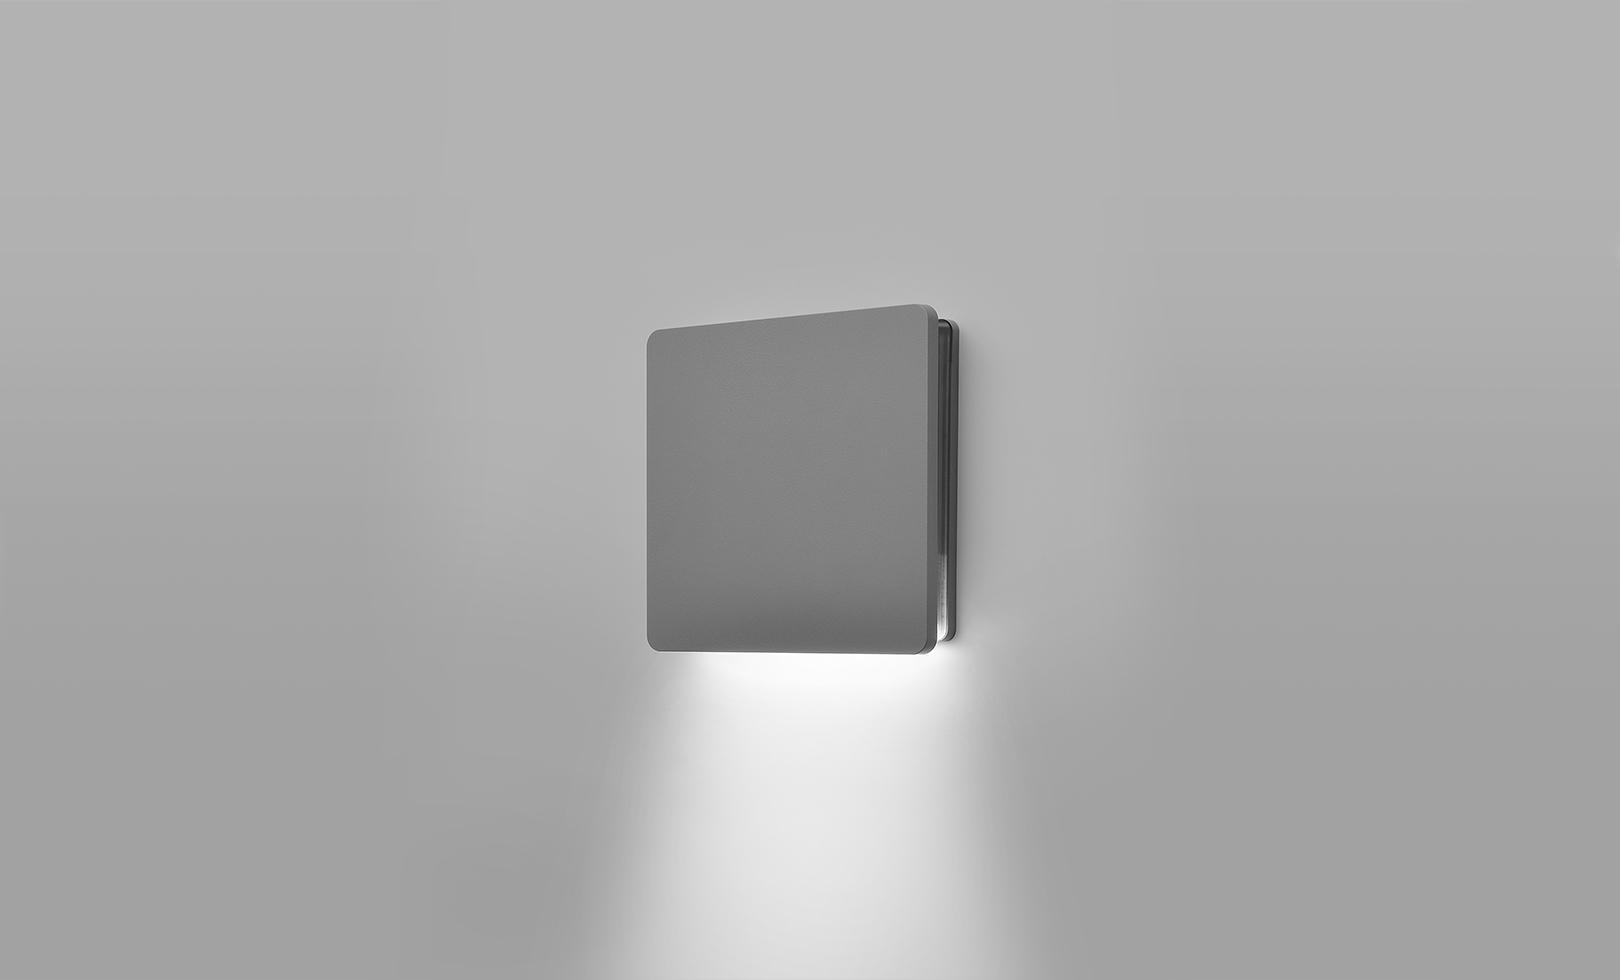 401707 ECLIPSE MEDIUM SQUARE 01 LED 10W 1